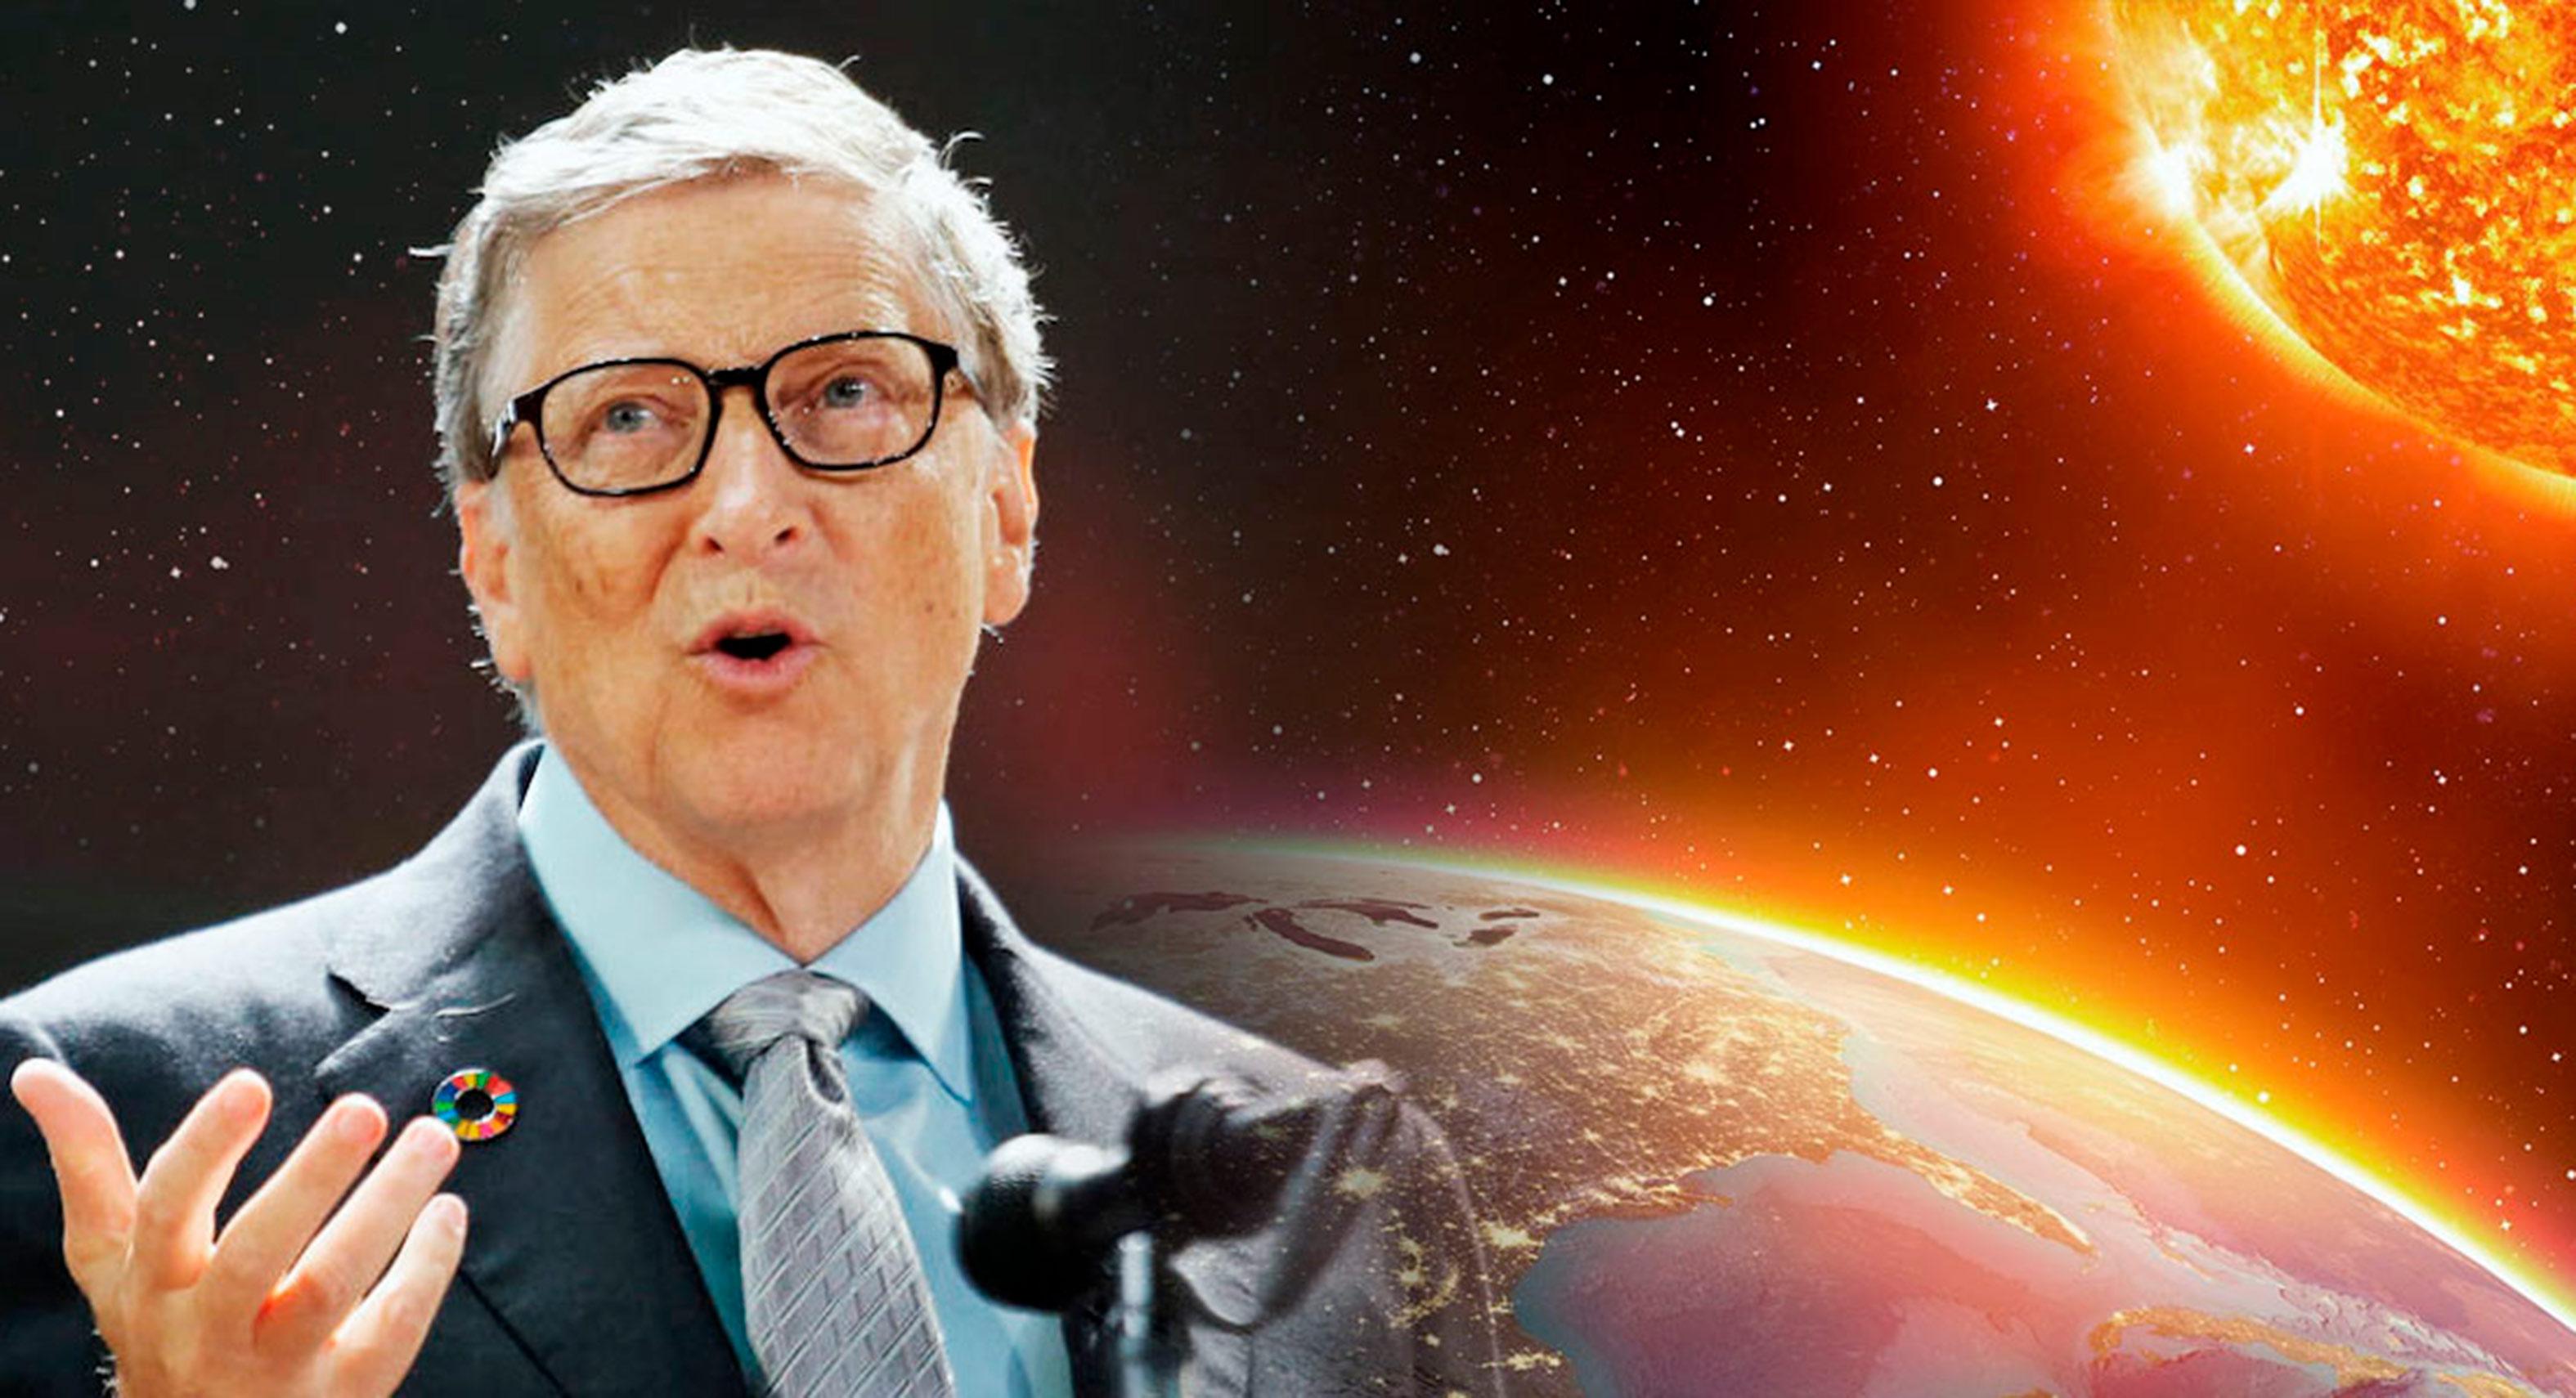 Bill-Gates-financia-proyecto-que-buscaría-tapar-el-Sol-para-enfriar-la-Tierradx